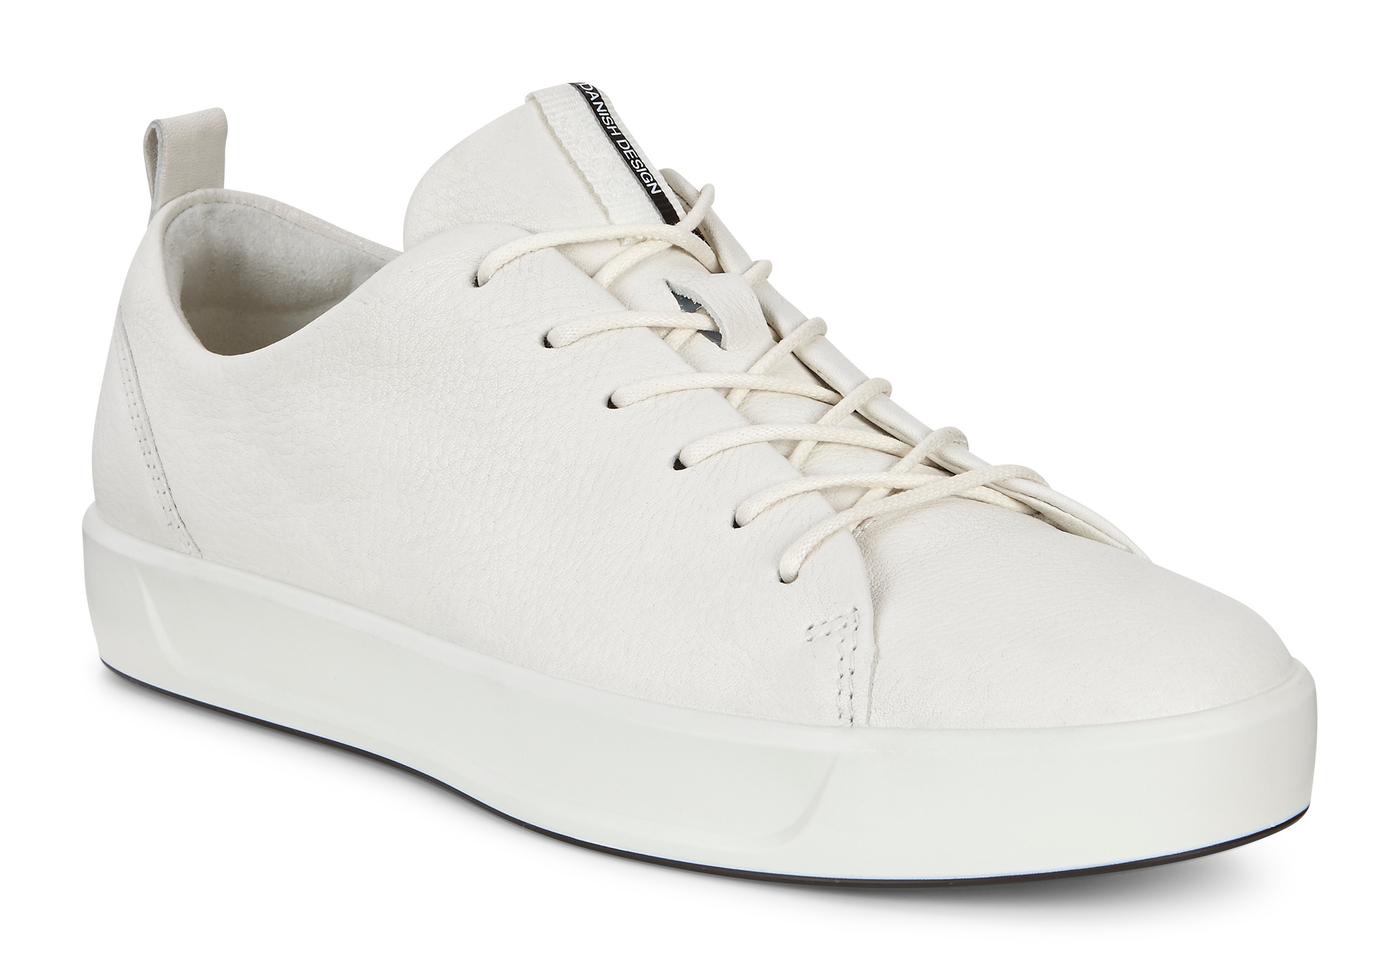 02277e06 ECCO Women's Soft 8 Sneaker | Women's Casual Shoes | ECCO® Shoes